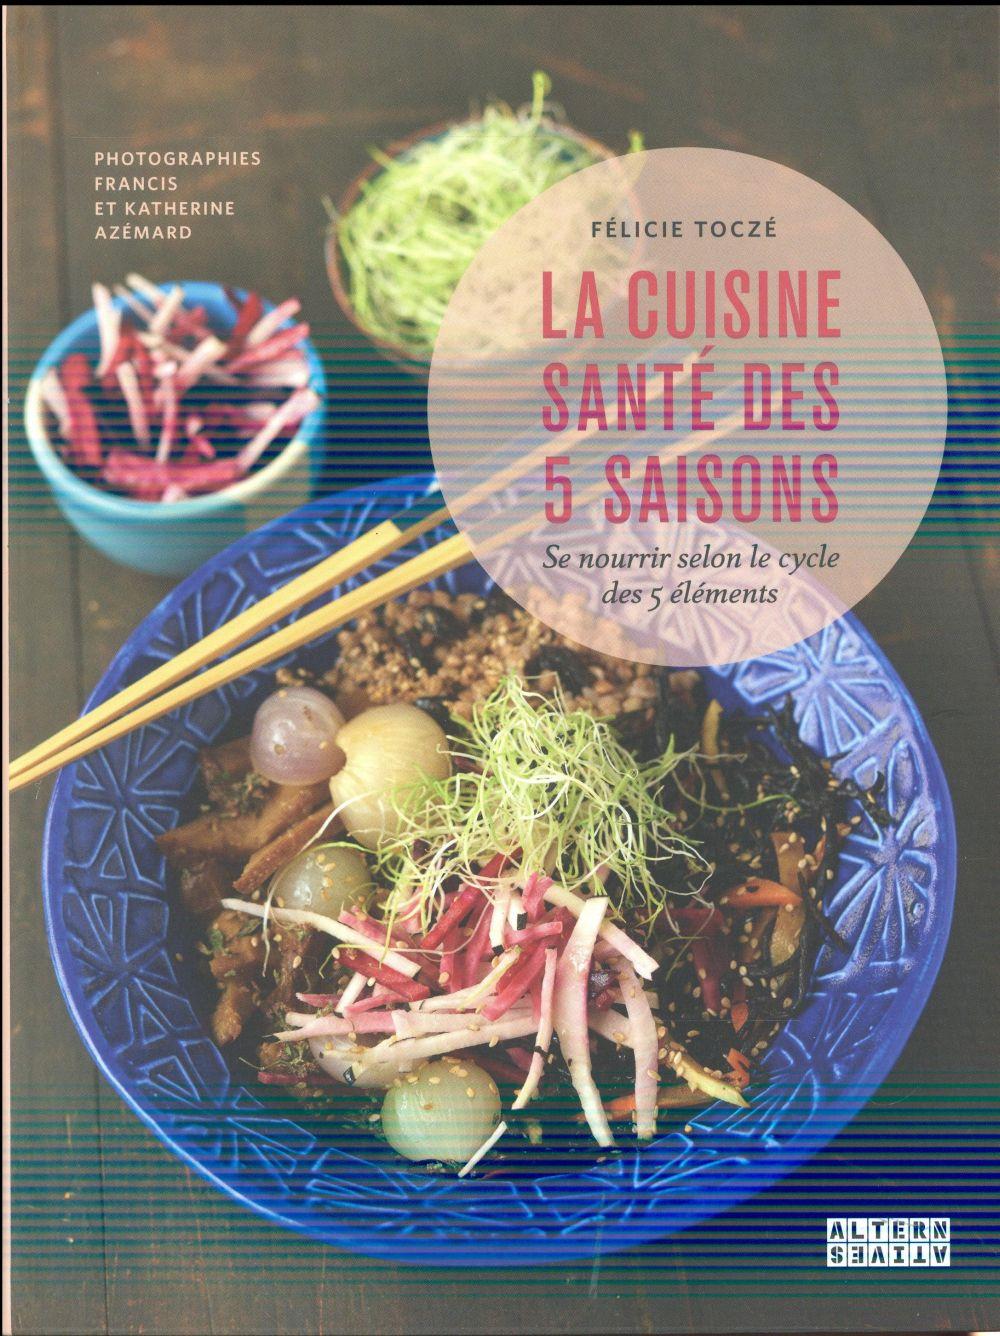 La cuisine santé des 5 saisons